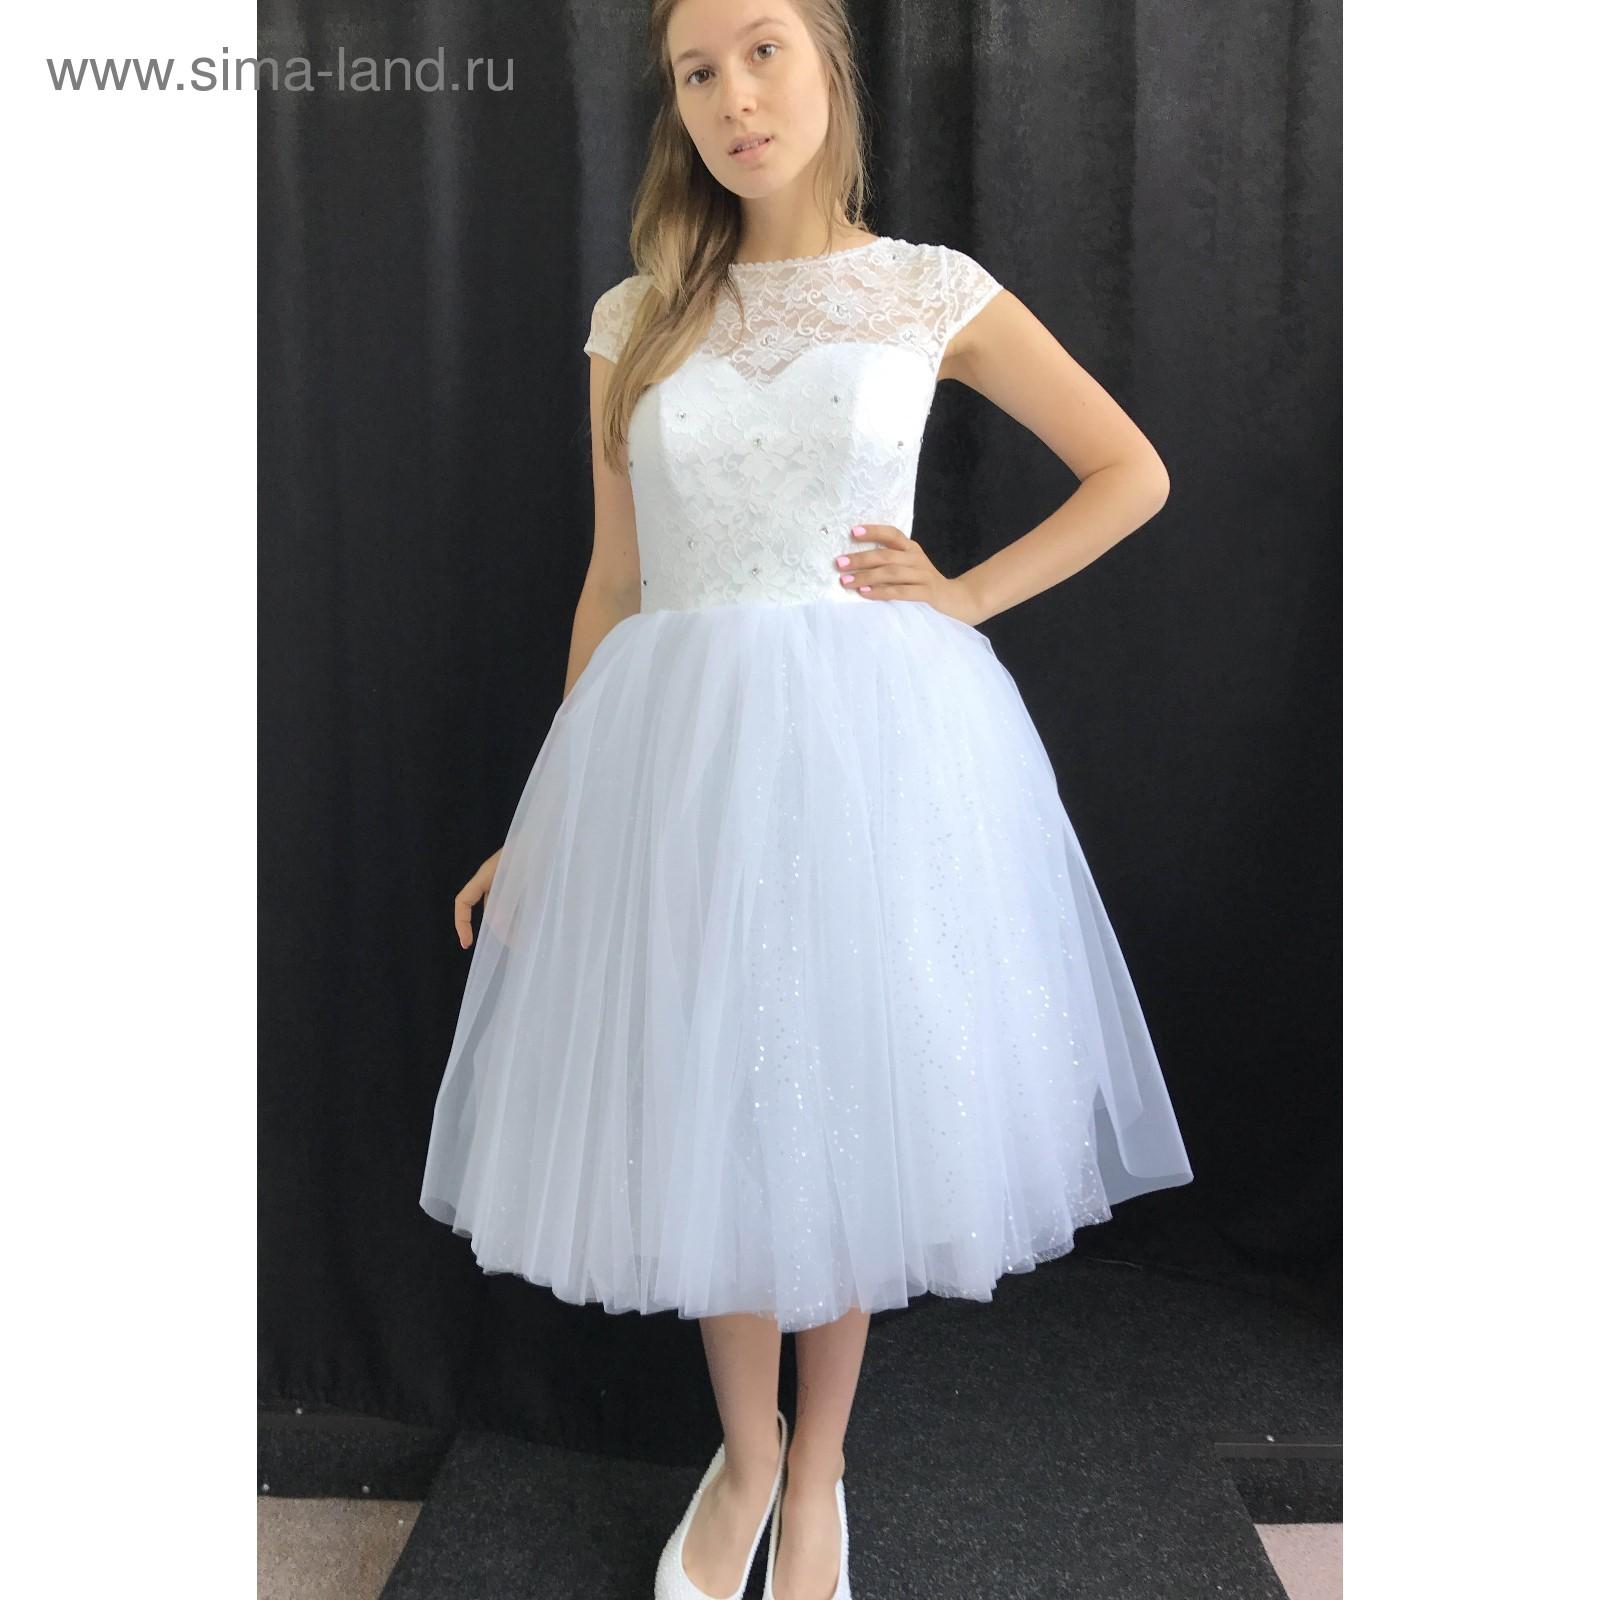 8d40d0e9d Свадебное платье